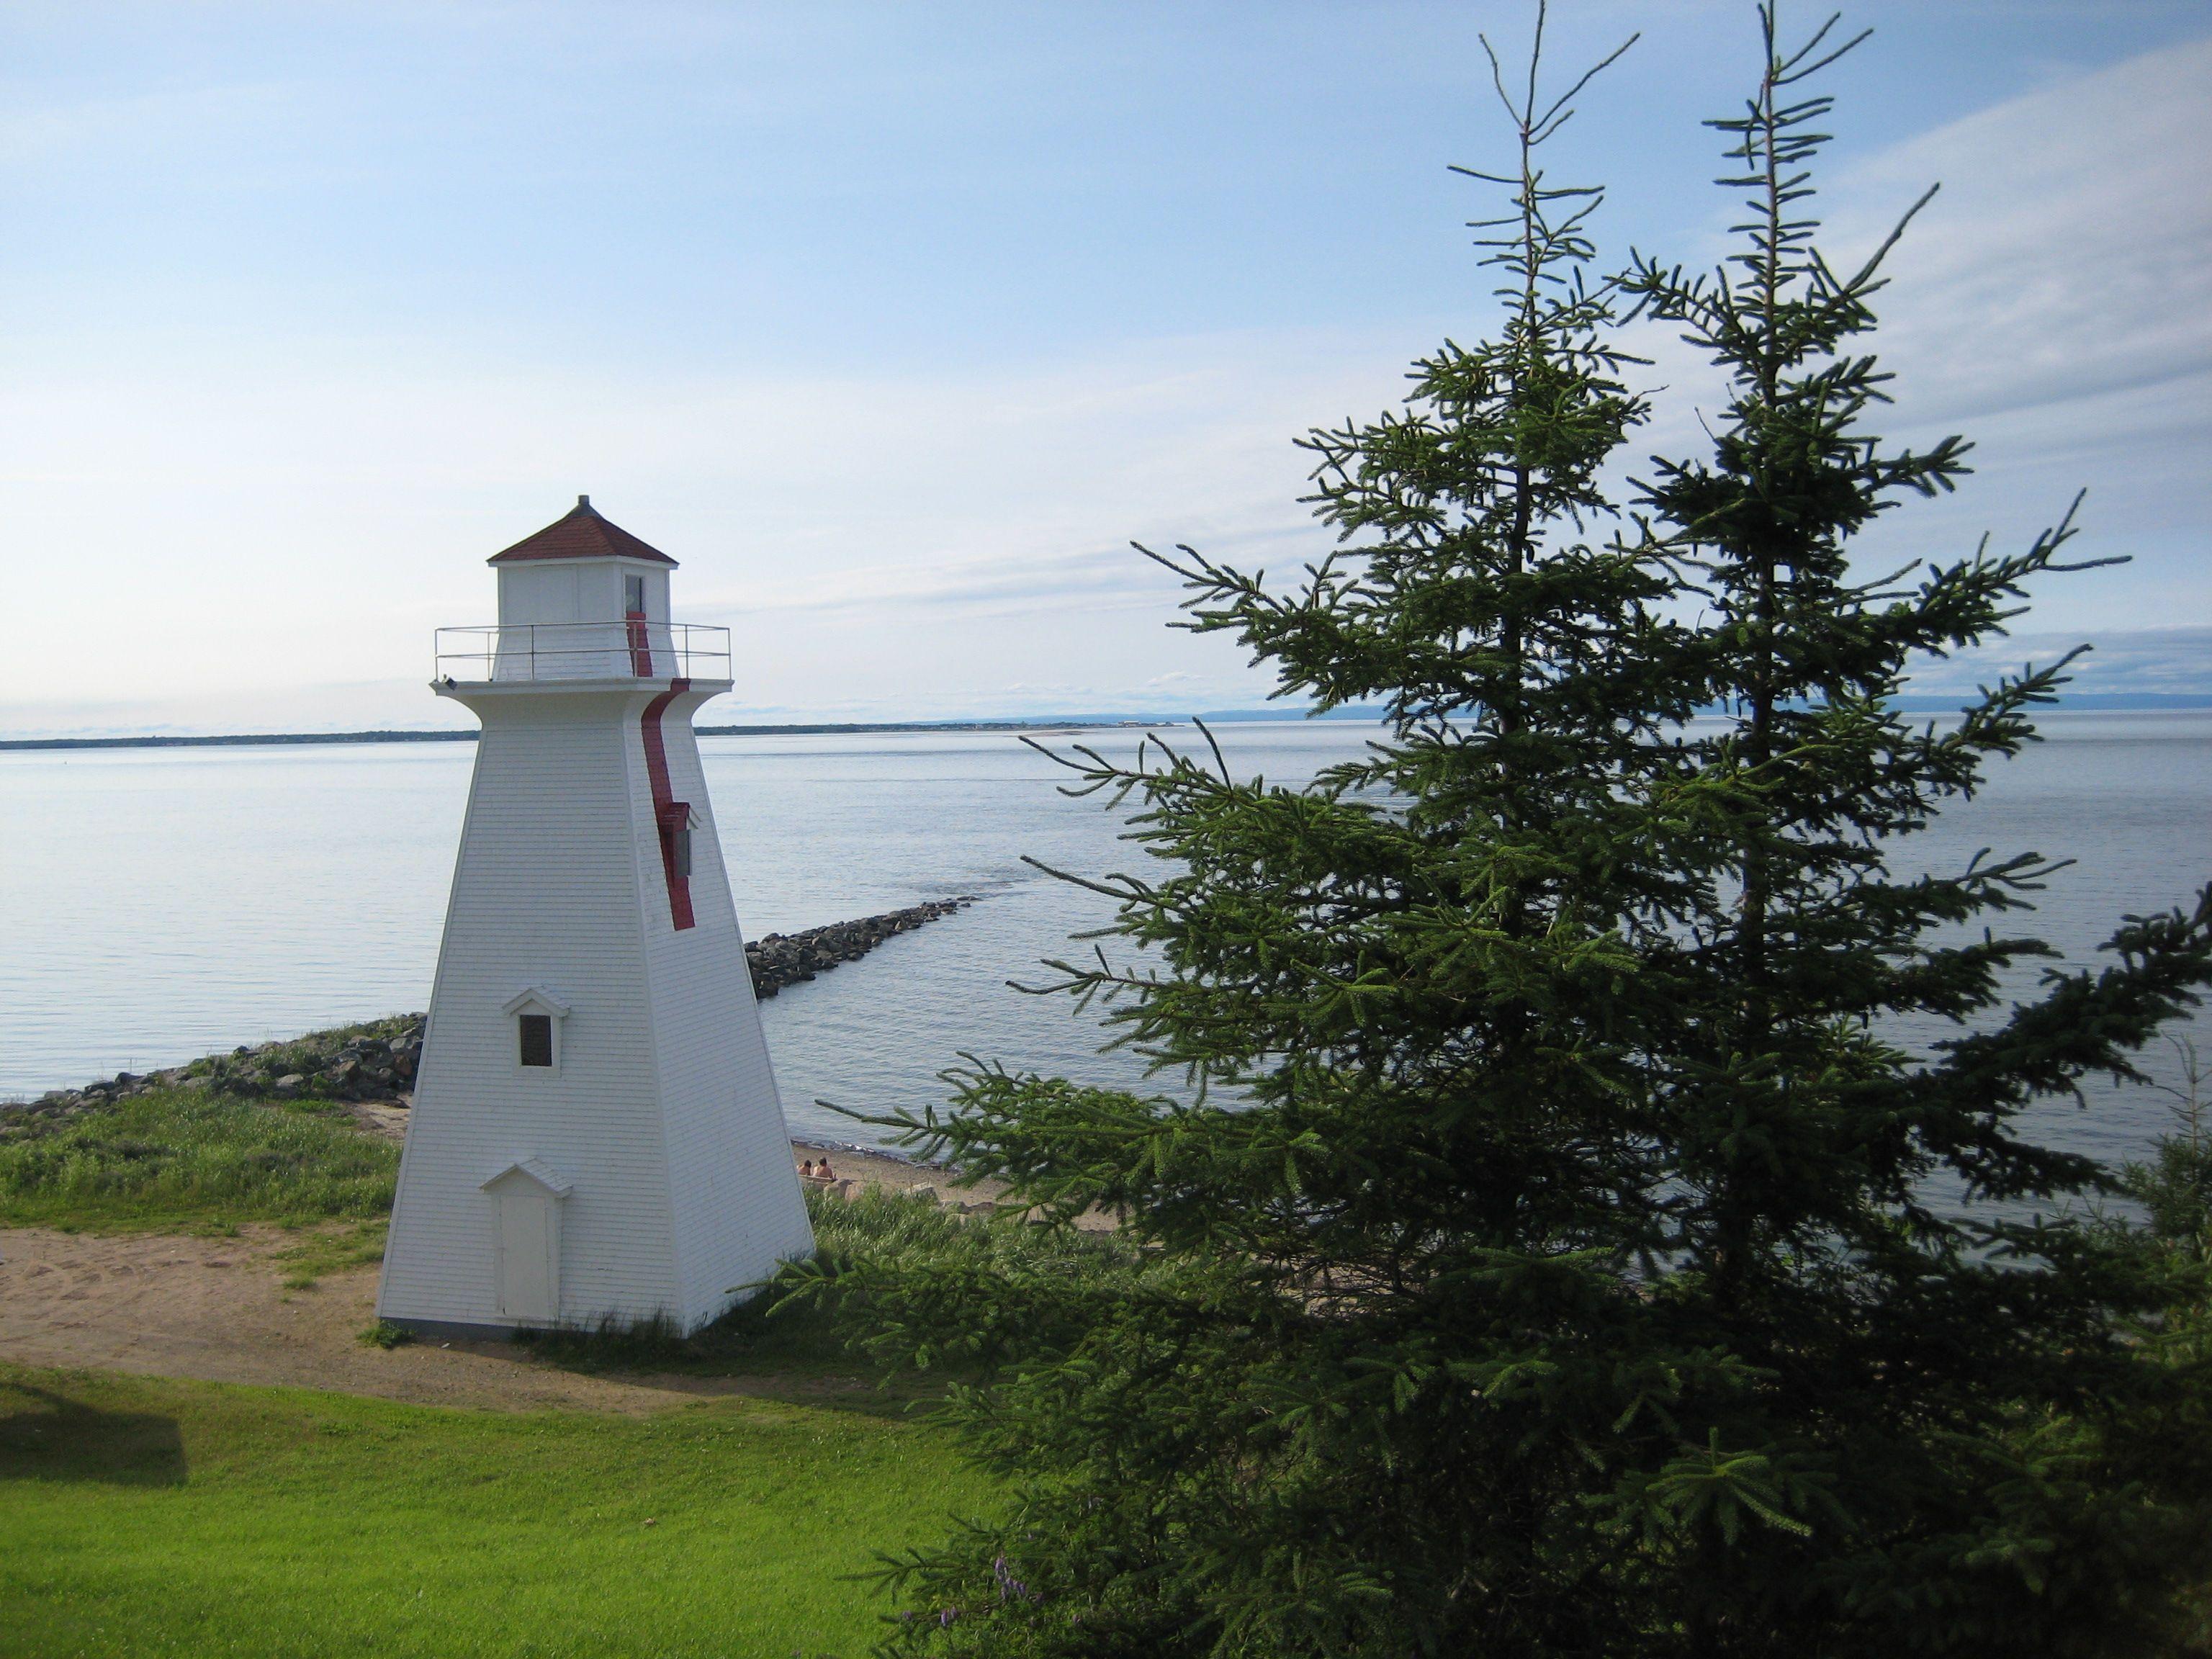 Caraquet, NB (Canada) | Outdoor, Outdoor decor, Favorite ... on Backyard Decor Canada id=49519